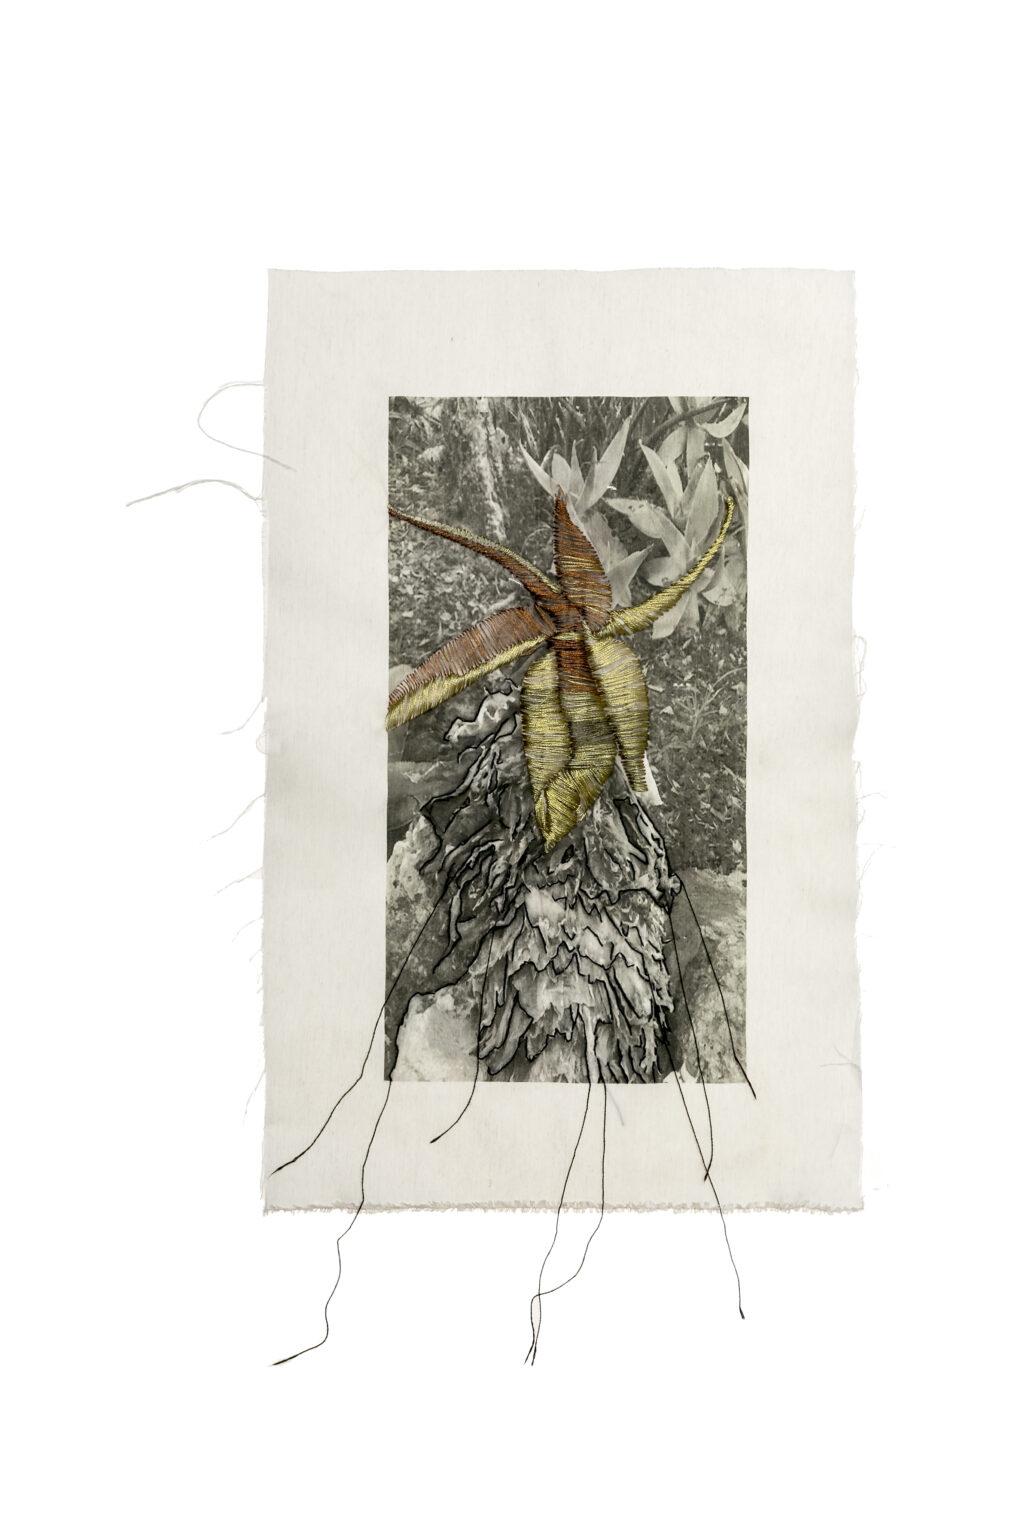 קקטוס רוקד יוצרת ג'רי שריג מתוך התערוכה שיח.גלריה לשבוע האיור 2019 צילום אבי ולדמן